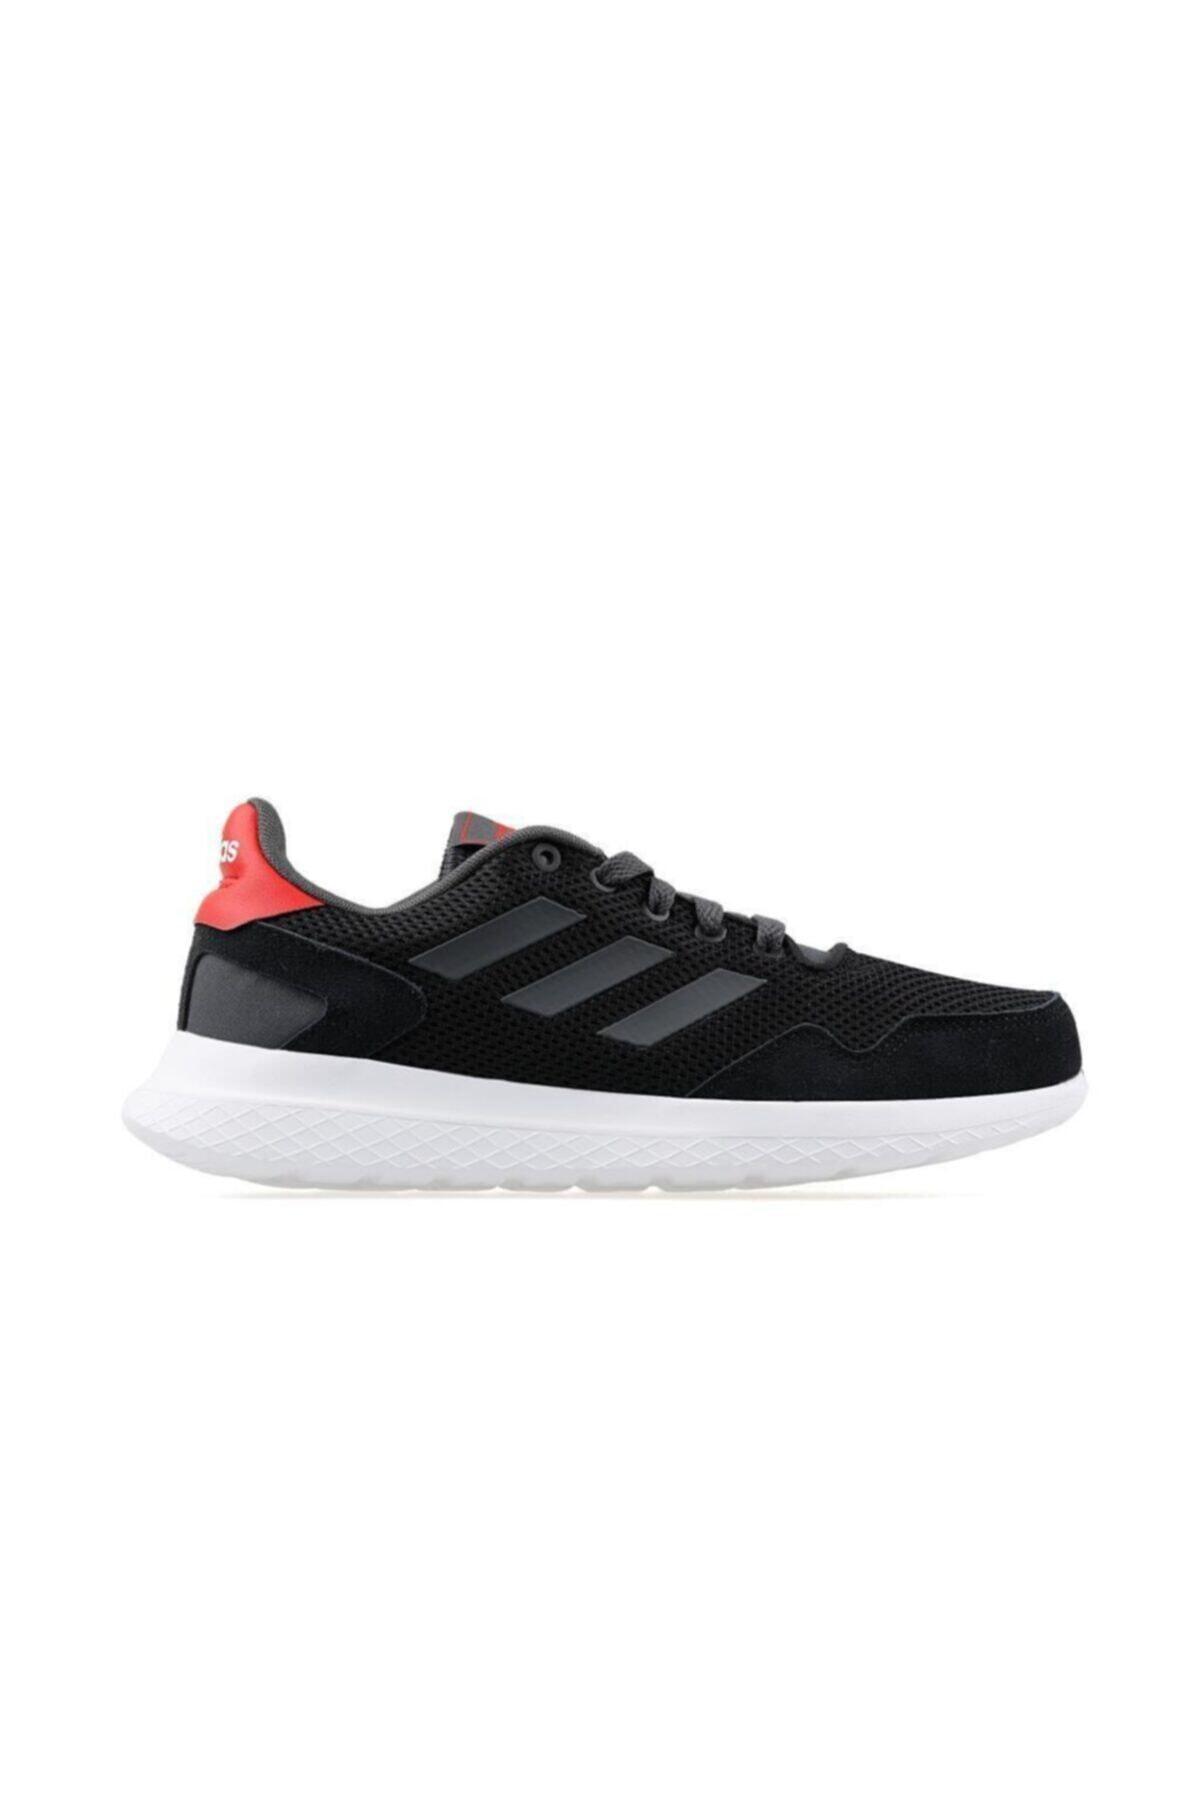 adidas ARCHIVO Siyah Erkek Koşu Ayakkabısı 100479444 1